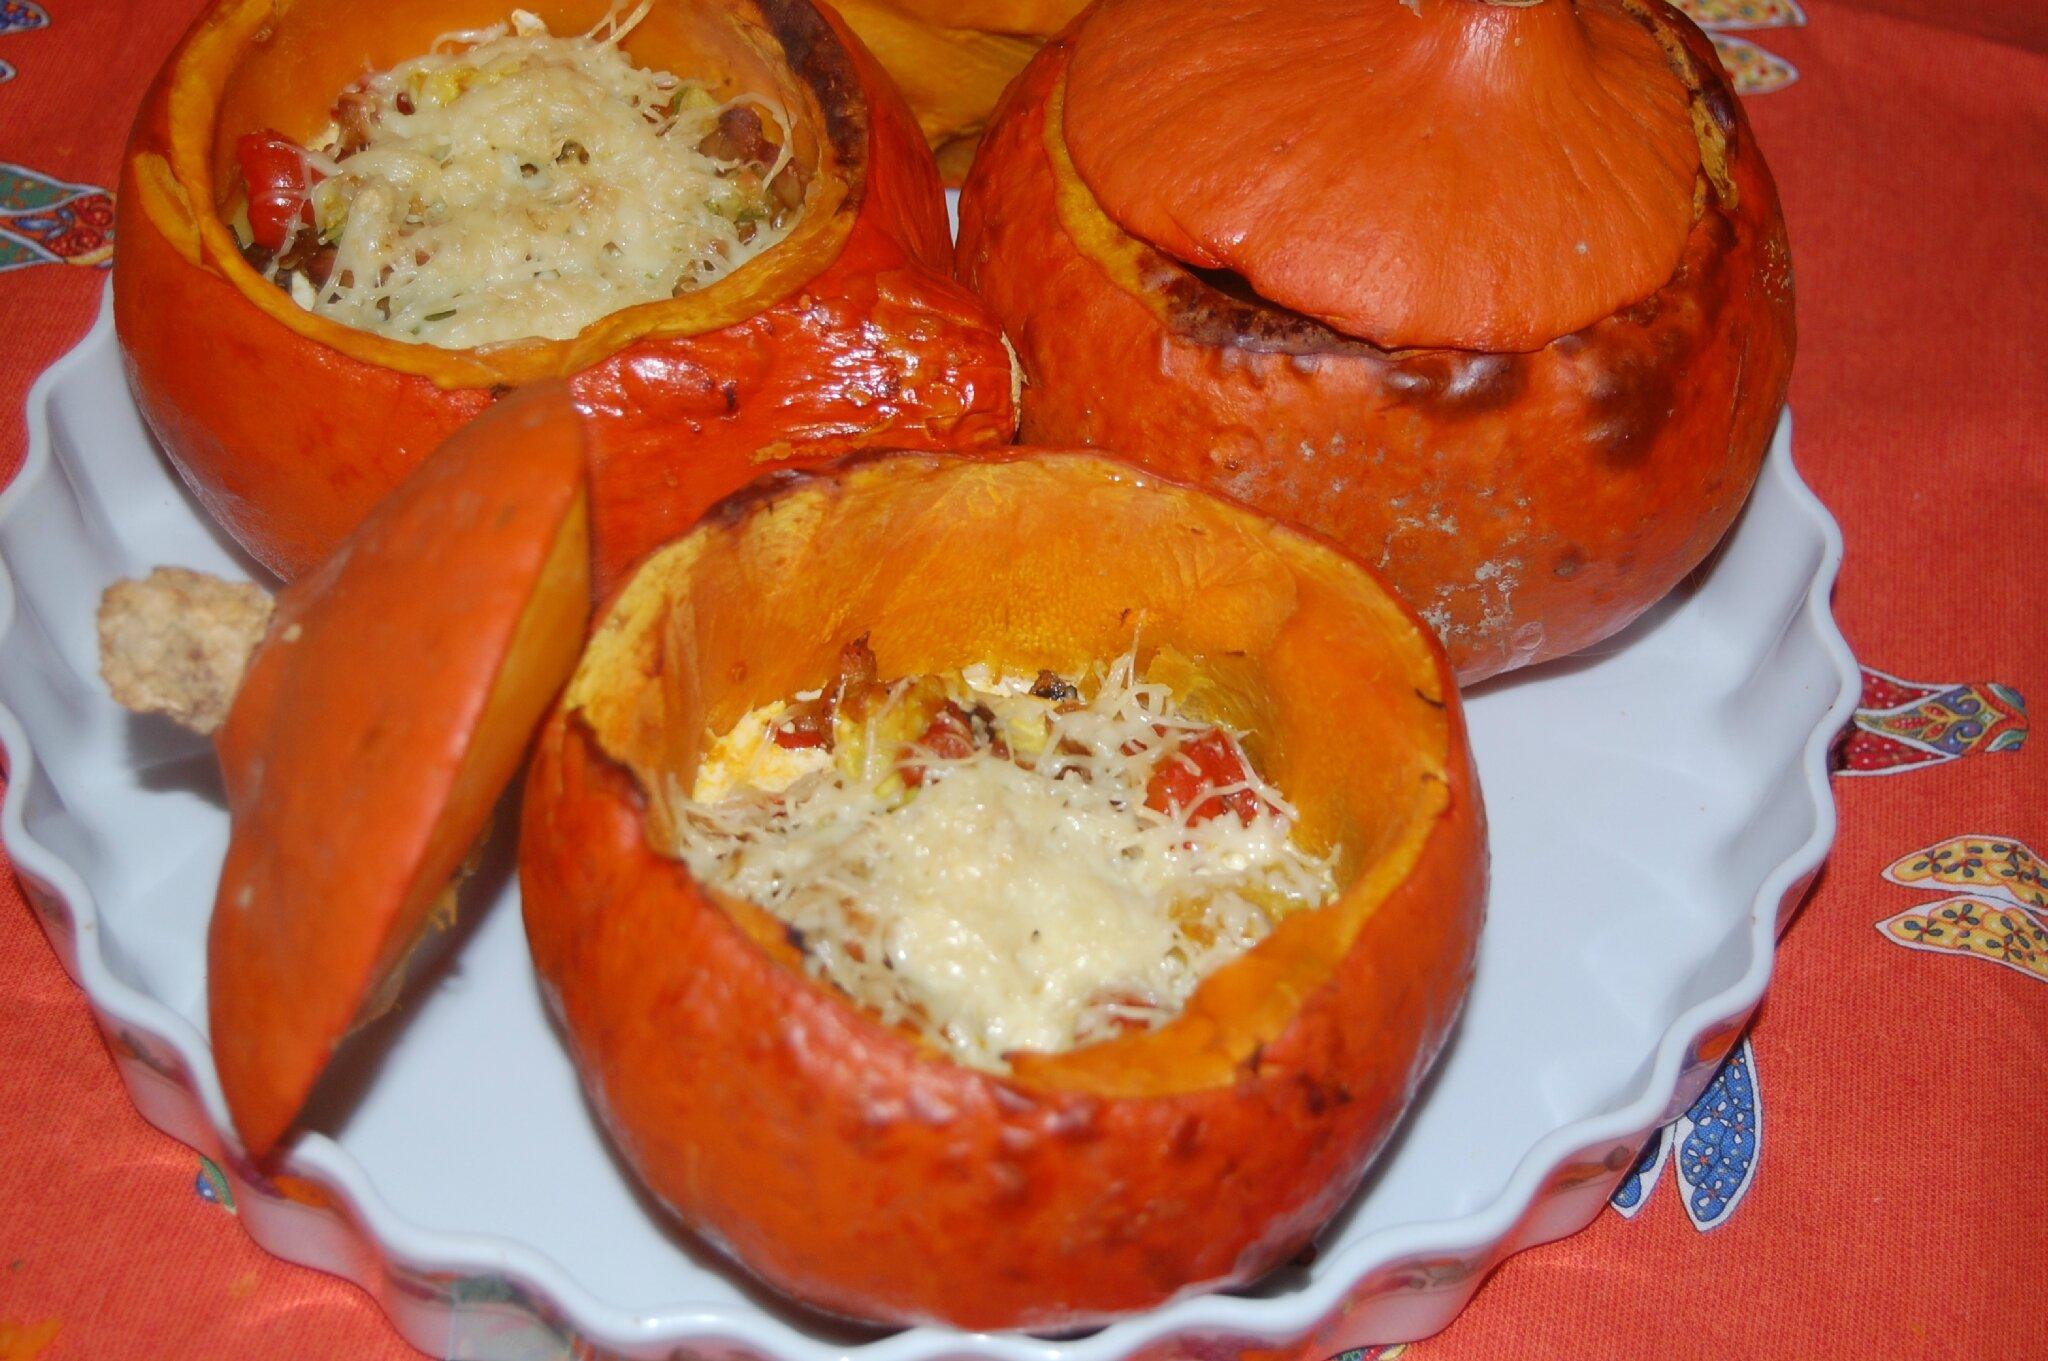 Inviter les copains le soir d'Halloween et leur servir des potimarrons farcis